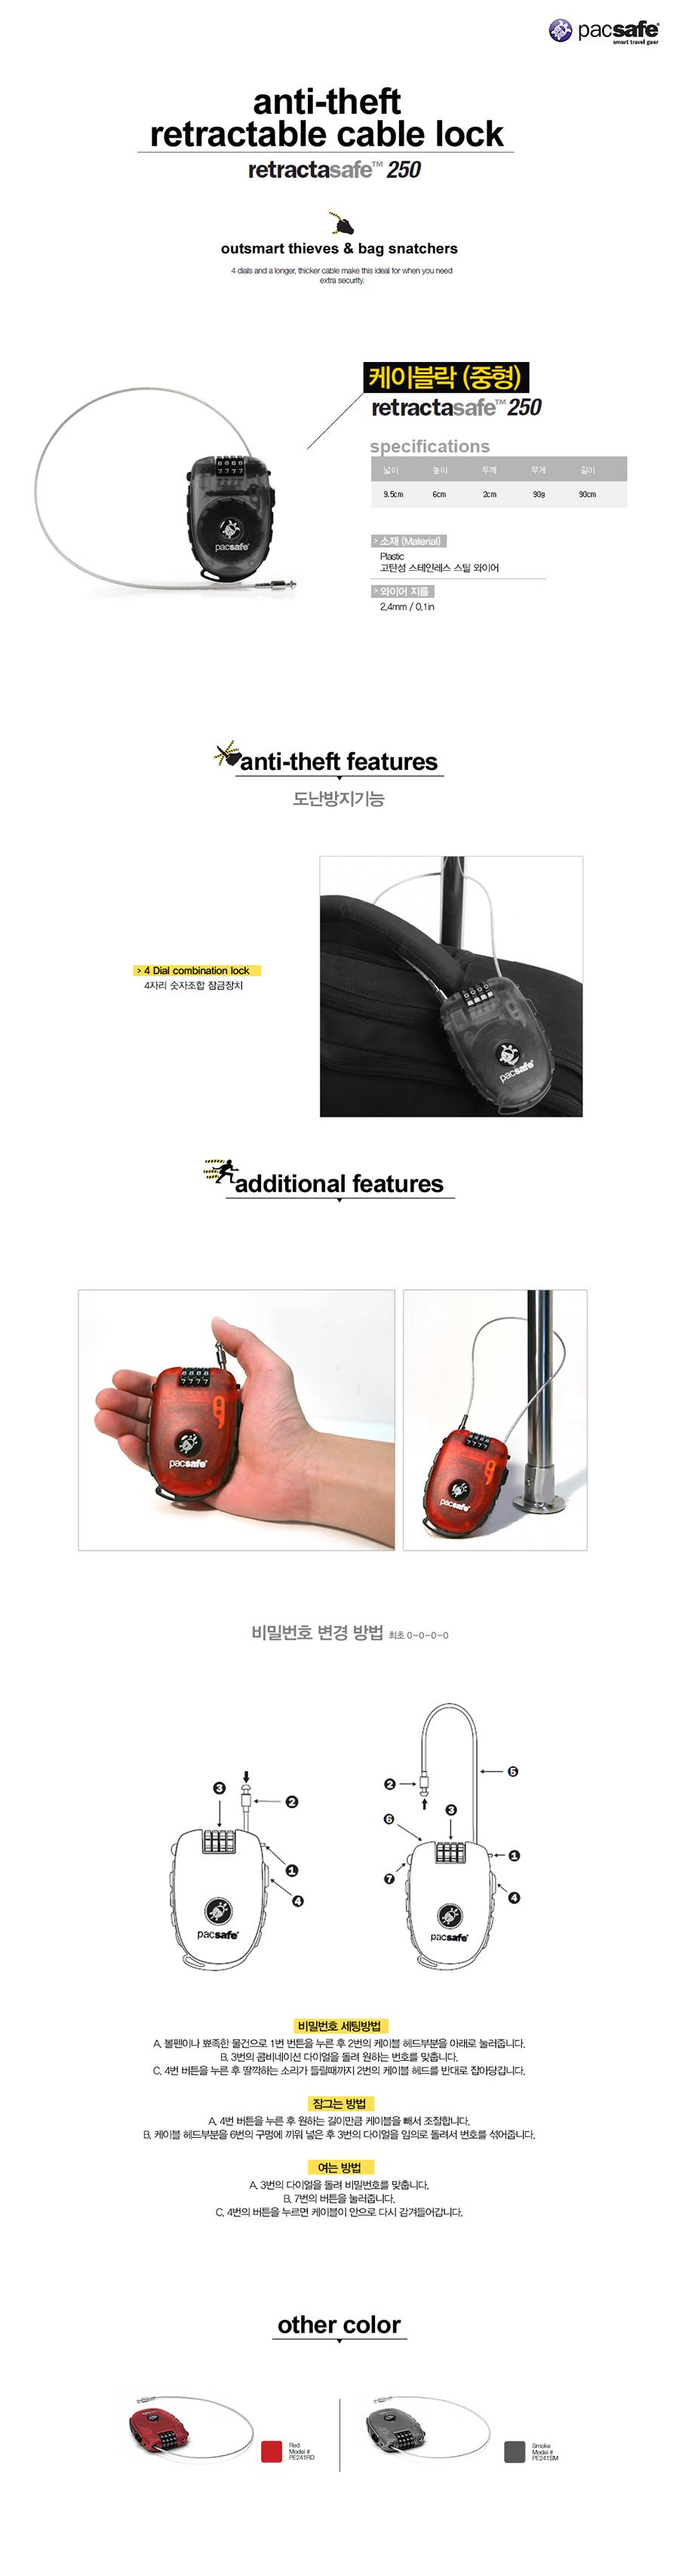 [팩세이프]PACSAFE - Retractasafe 250 Smoke 공식수입정품 (유럽 배낭여행 필수품 케이블락)